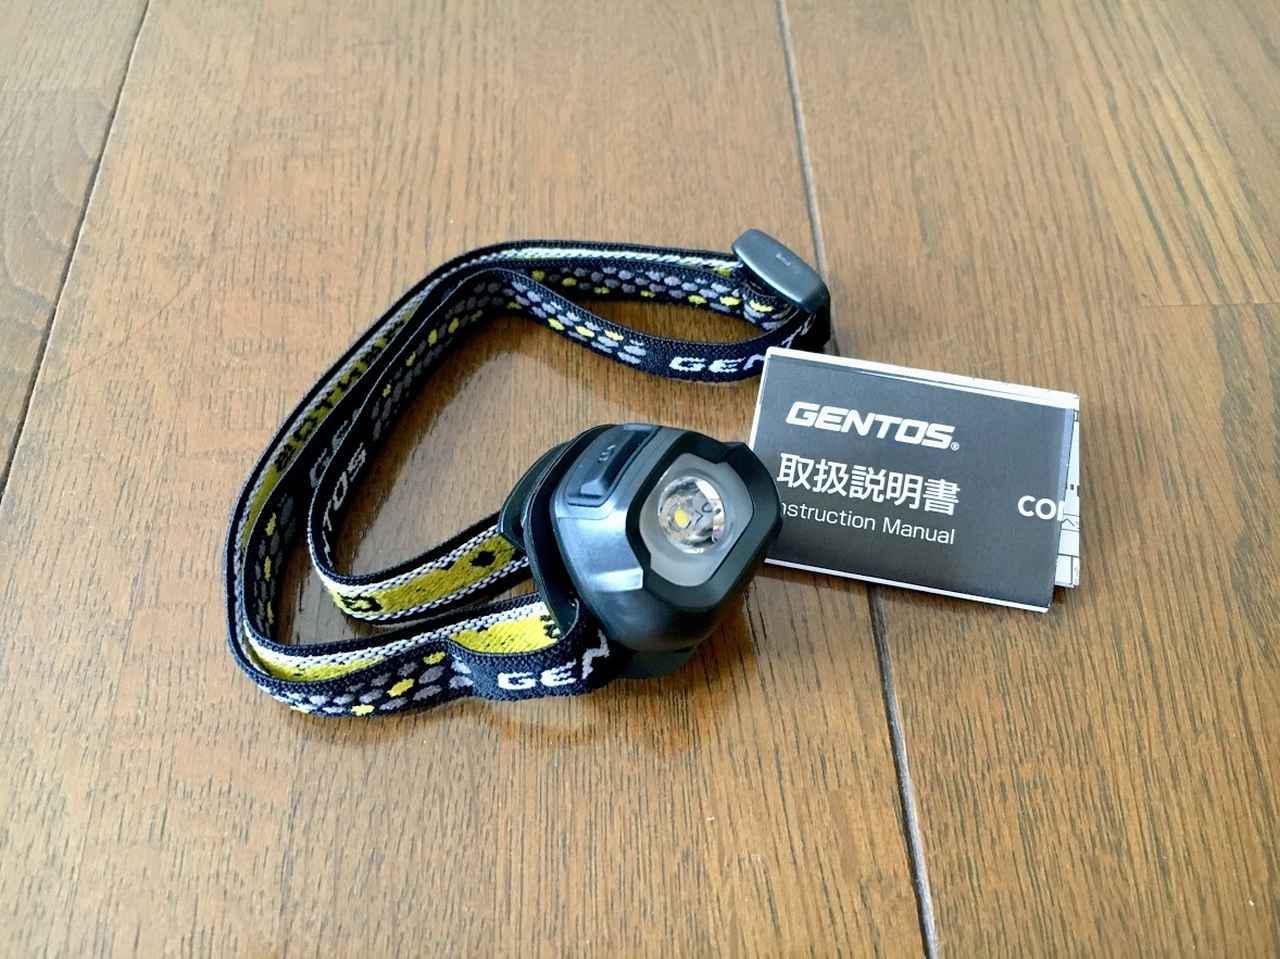 画像1: 【商品レビュー】ワークマンで購入したジェントス製の小型LEDヘッドライトはキャンプでも使える? - ハピキャン(HAPPY CAMPER)